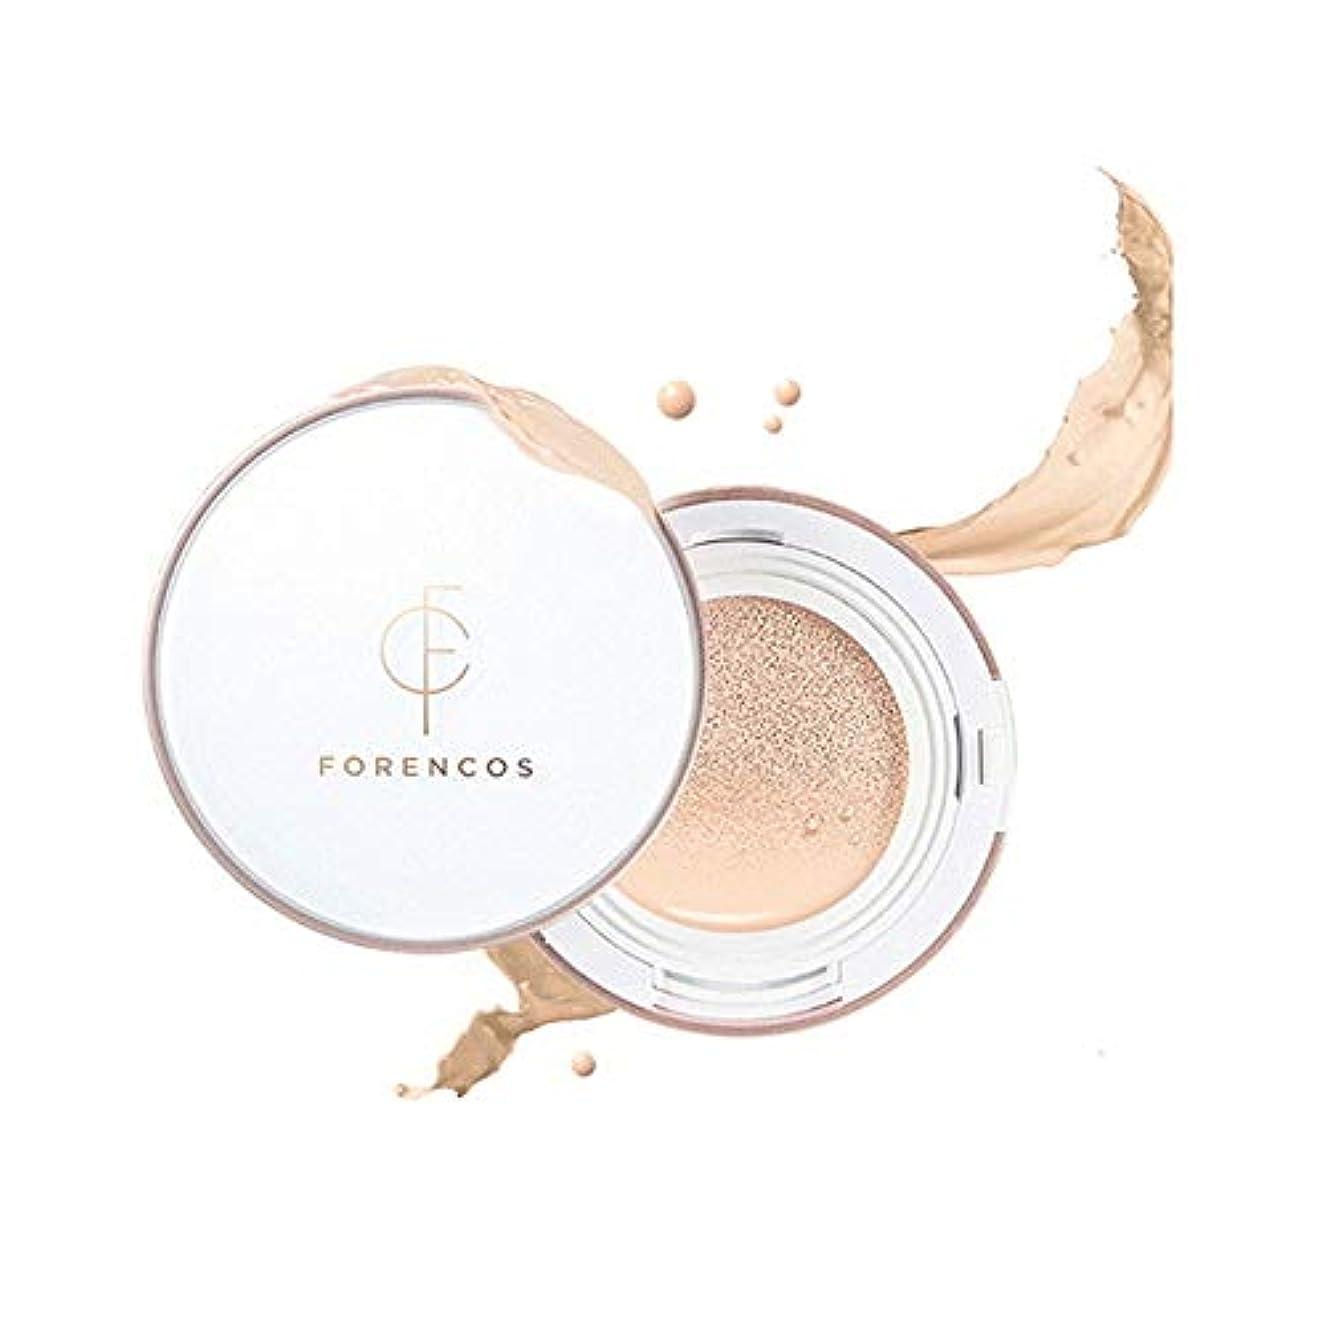 サロン手つかずの特異な[Forencos] フォレンコス フルカバークッション #ライトベージュ SPF50+ PA+++ Full Cover Cushion(Light Beige) - Perfect Magic Cover Foundation Hydrating Matte Finish Gorgeouse Look Makeup Korean Cosmetics ファンデーション